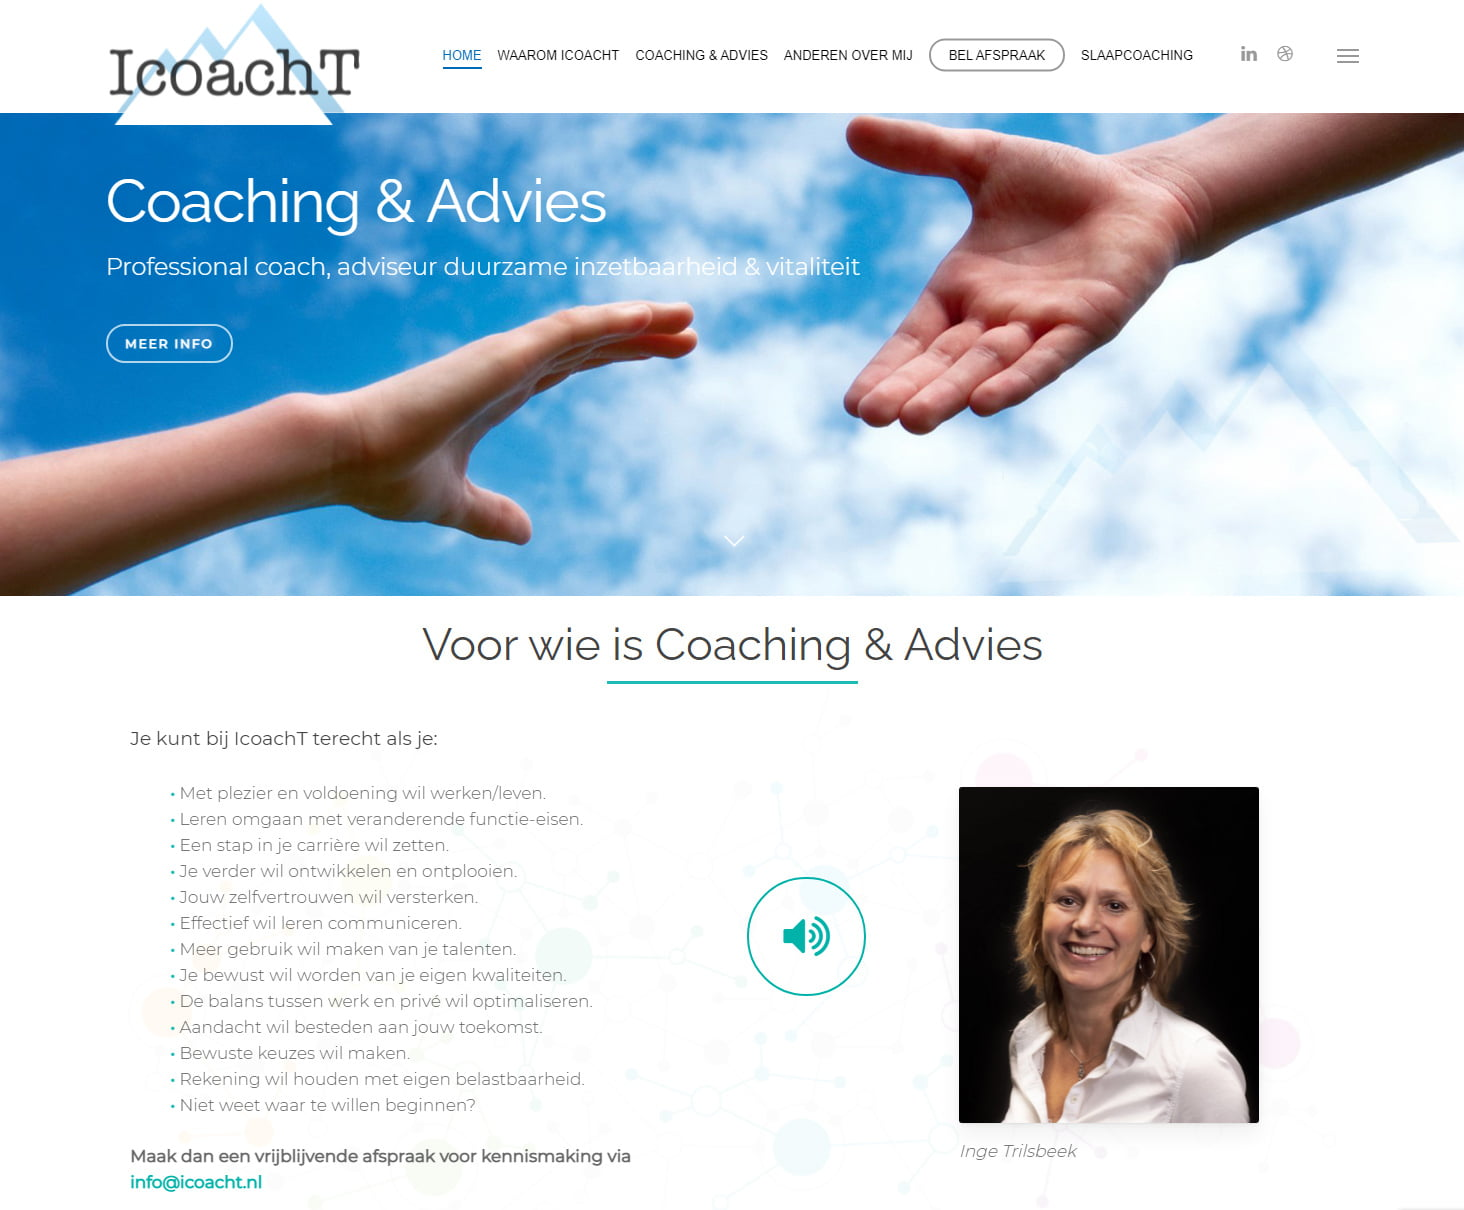 Coaching & Advies in Haarlem